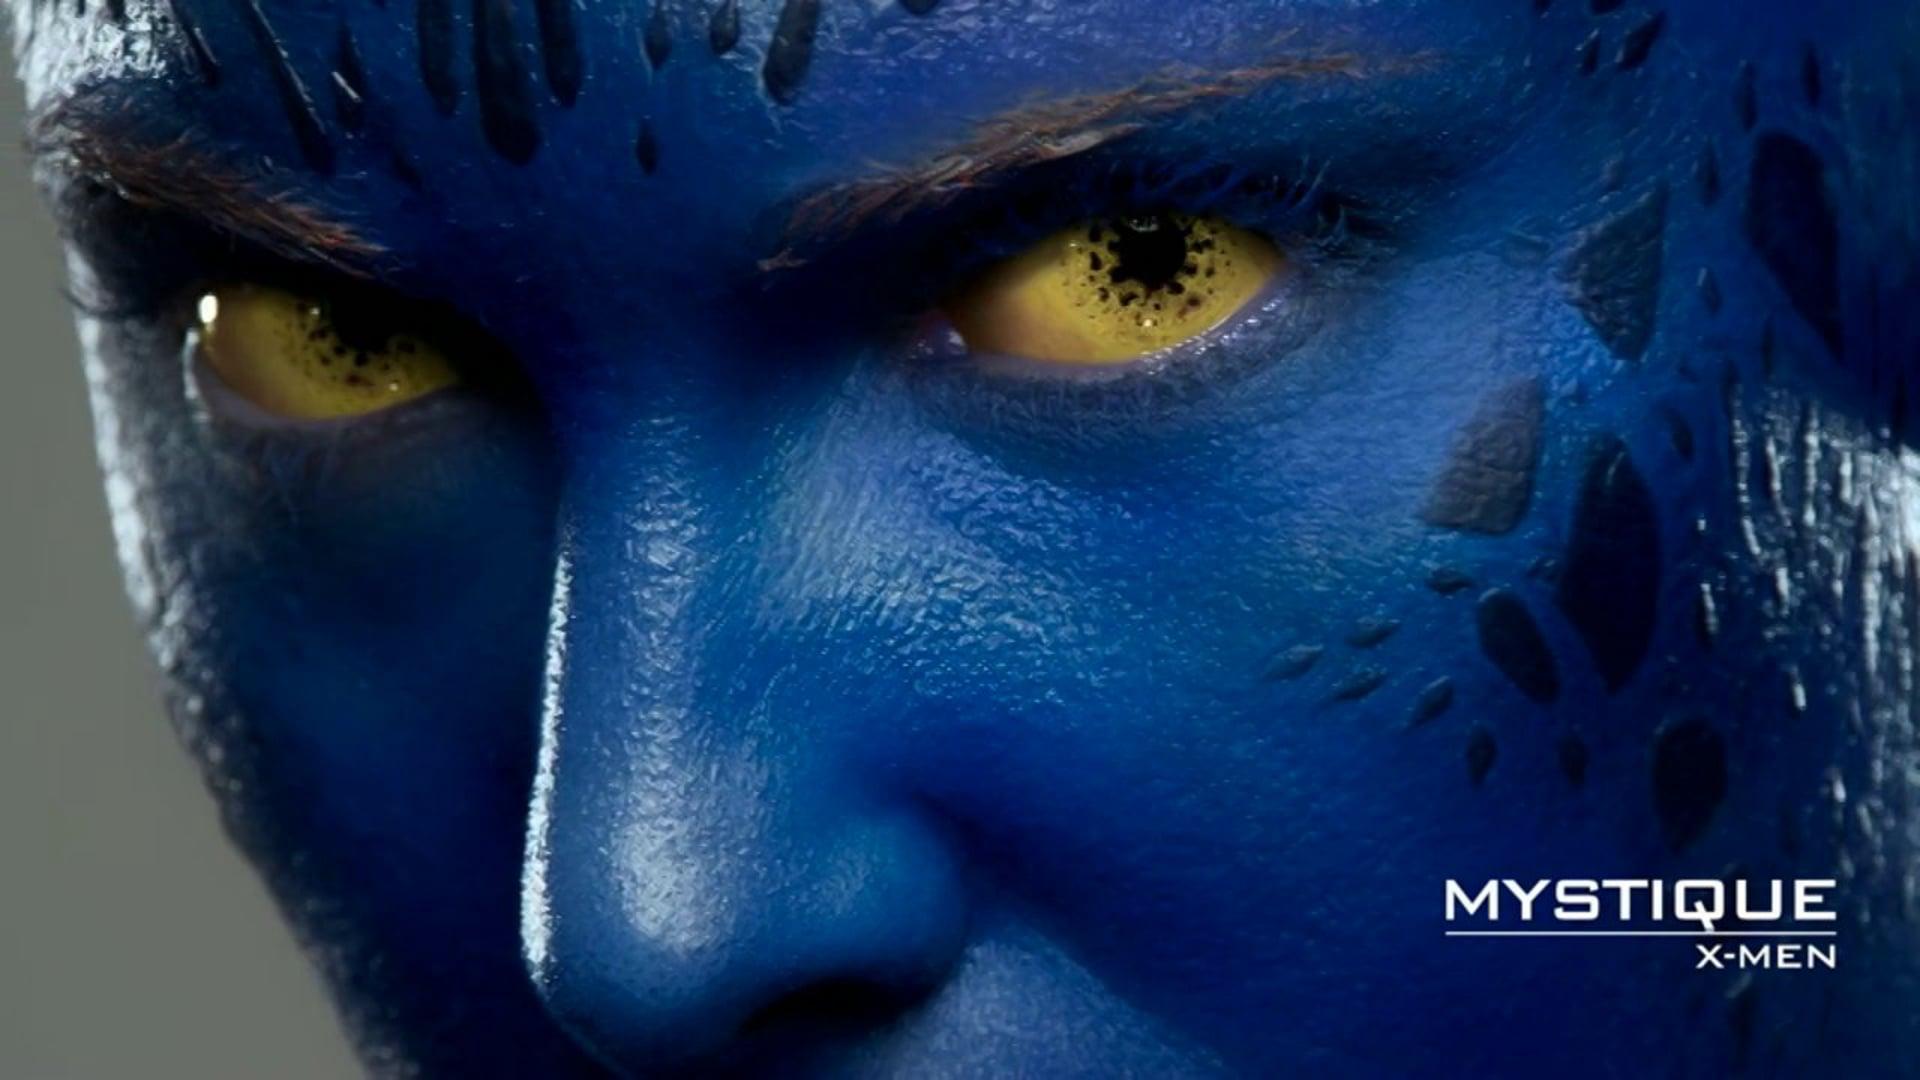 X-Men - Mystique - Carl's Jr. / Hardee's :30